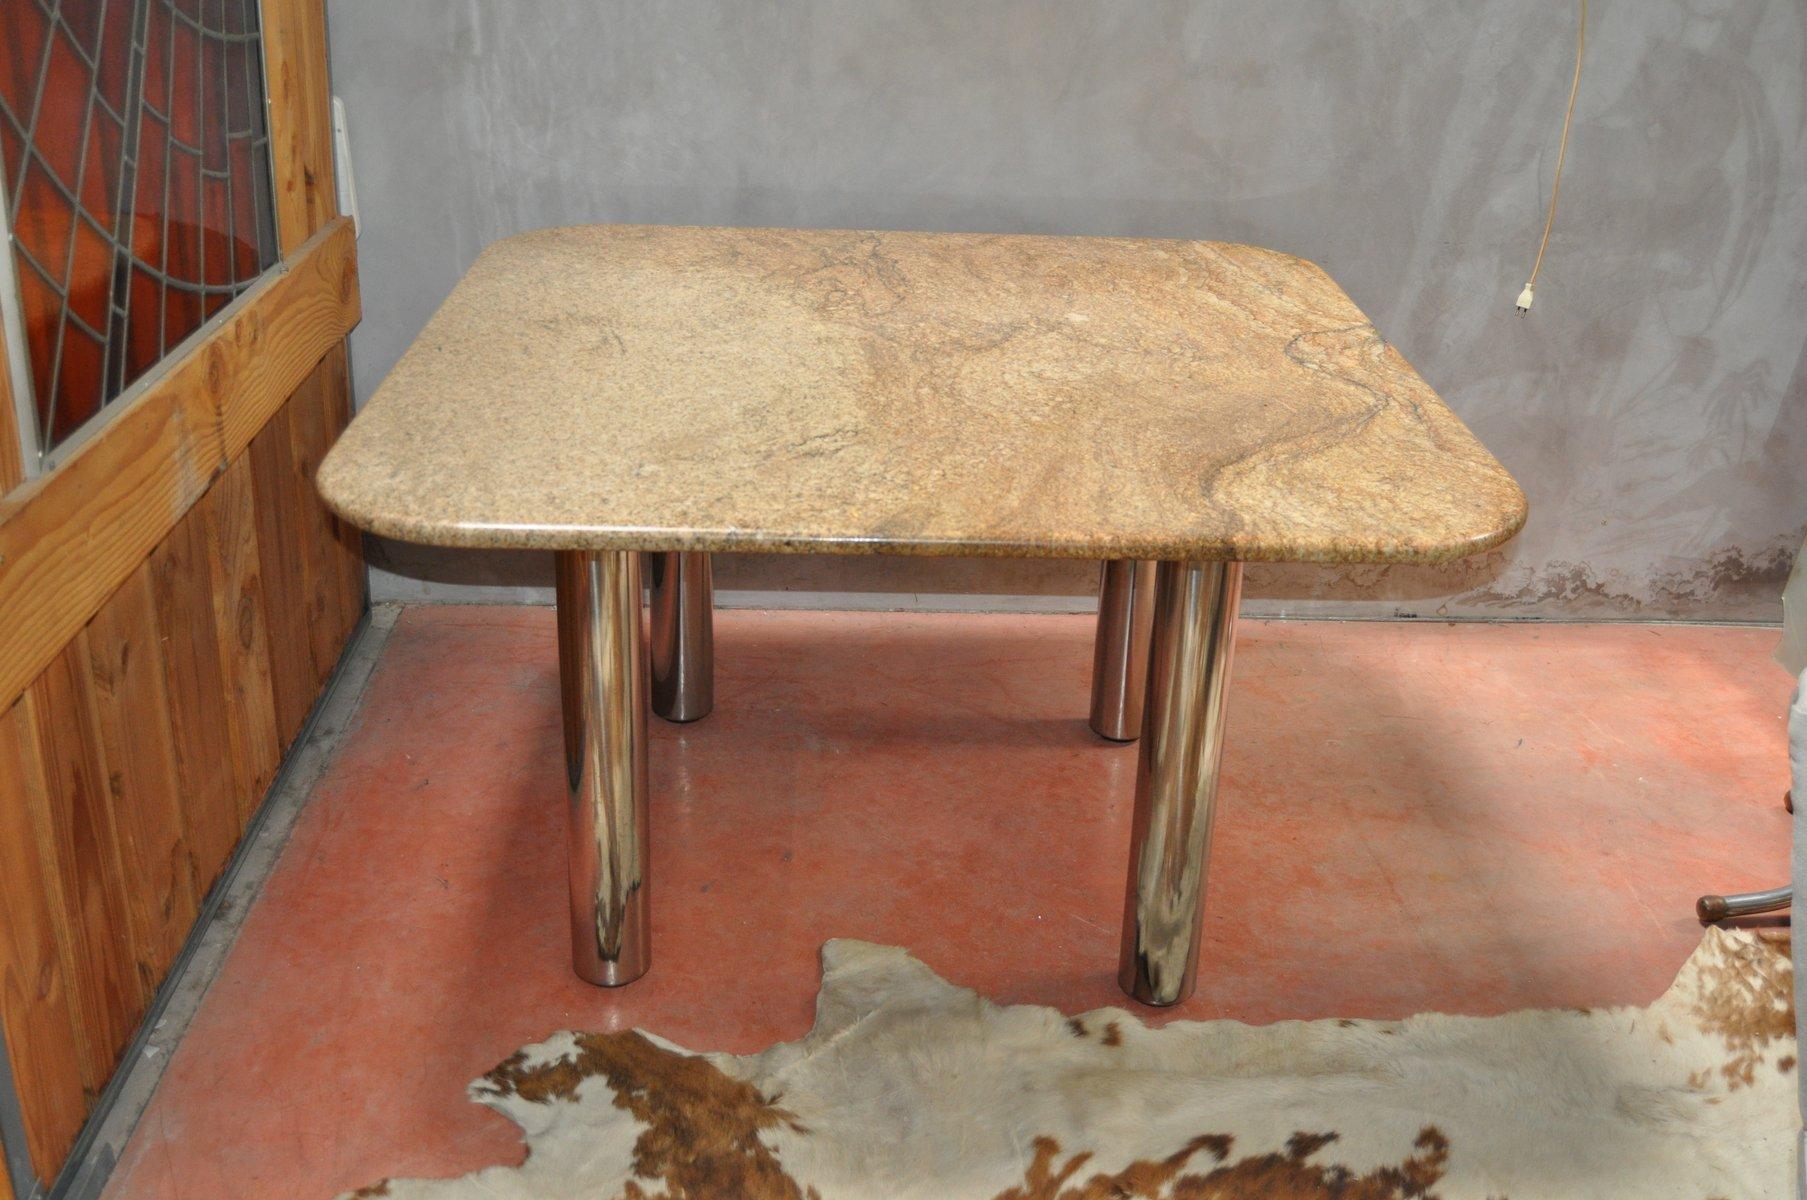 Vintage marcuso esstisch mit marmorplatte von zanotta bei for Esstisch mit marmorplatte